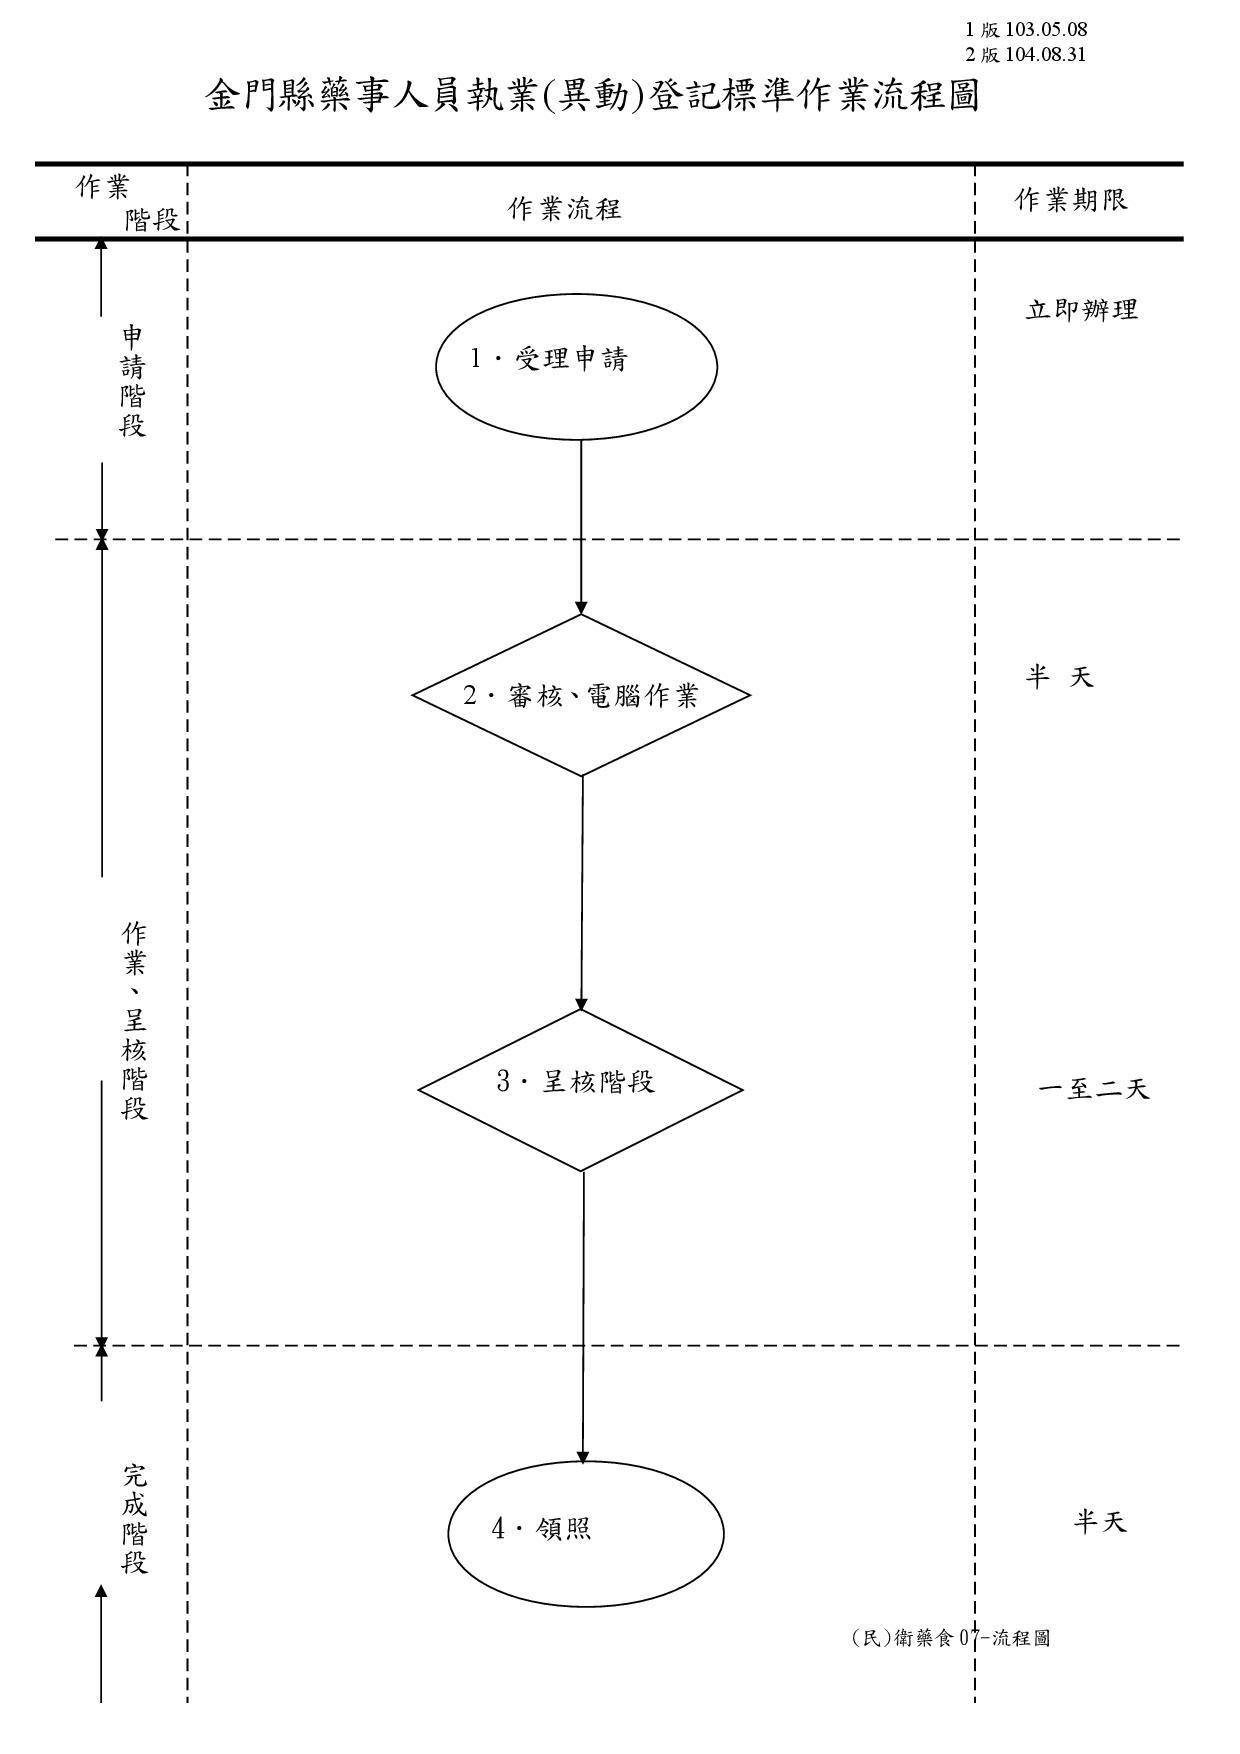 (民衛藥食07-流程圖